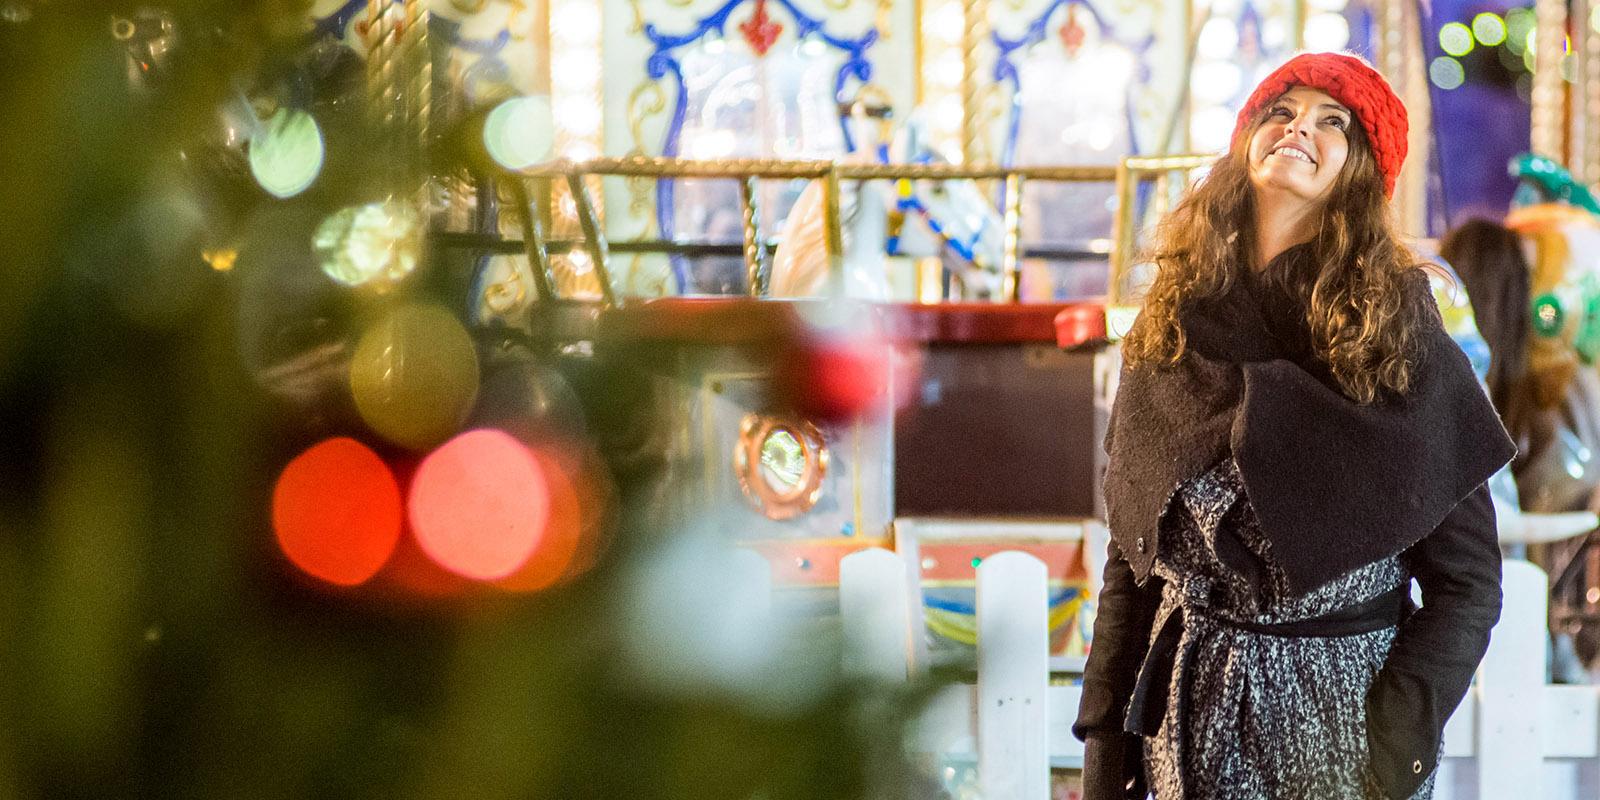 Сергей Собянин объявил 31 декабря выходным днем